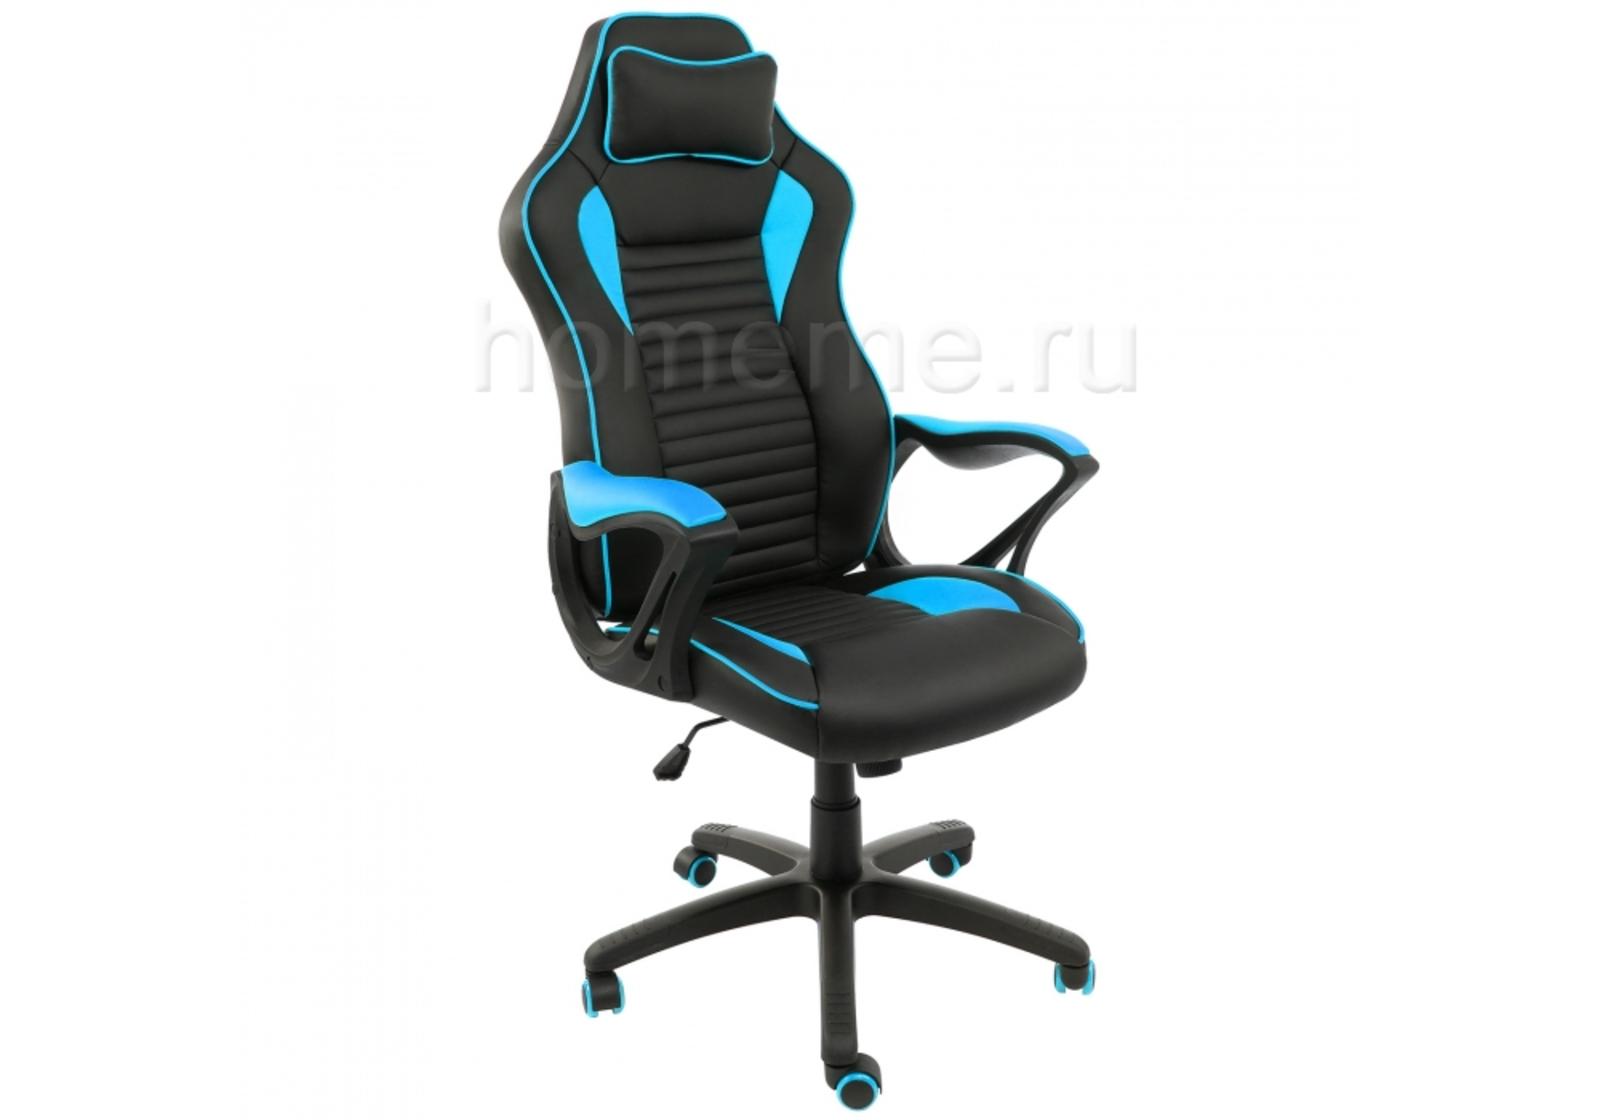 Компьютерное кресло Leon черное / голубое 1875 1875 фото